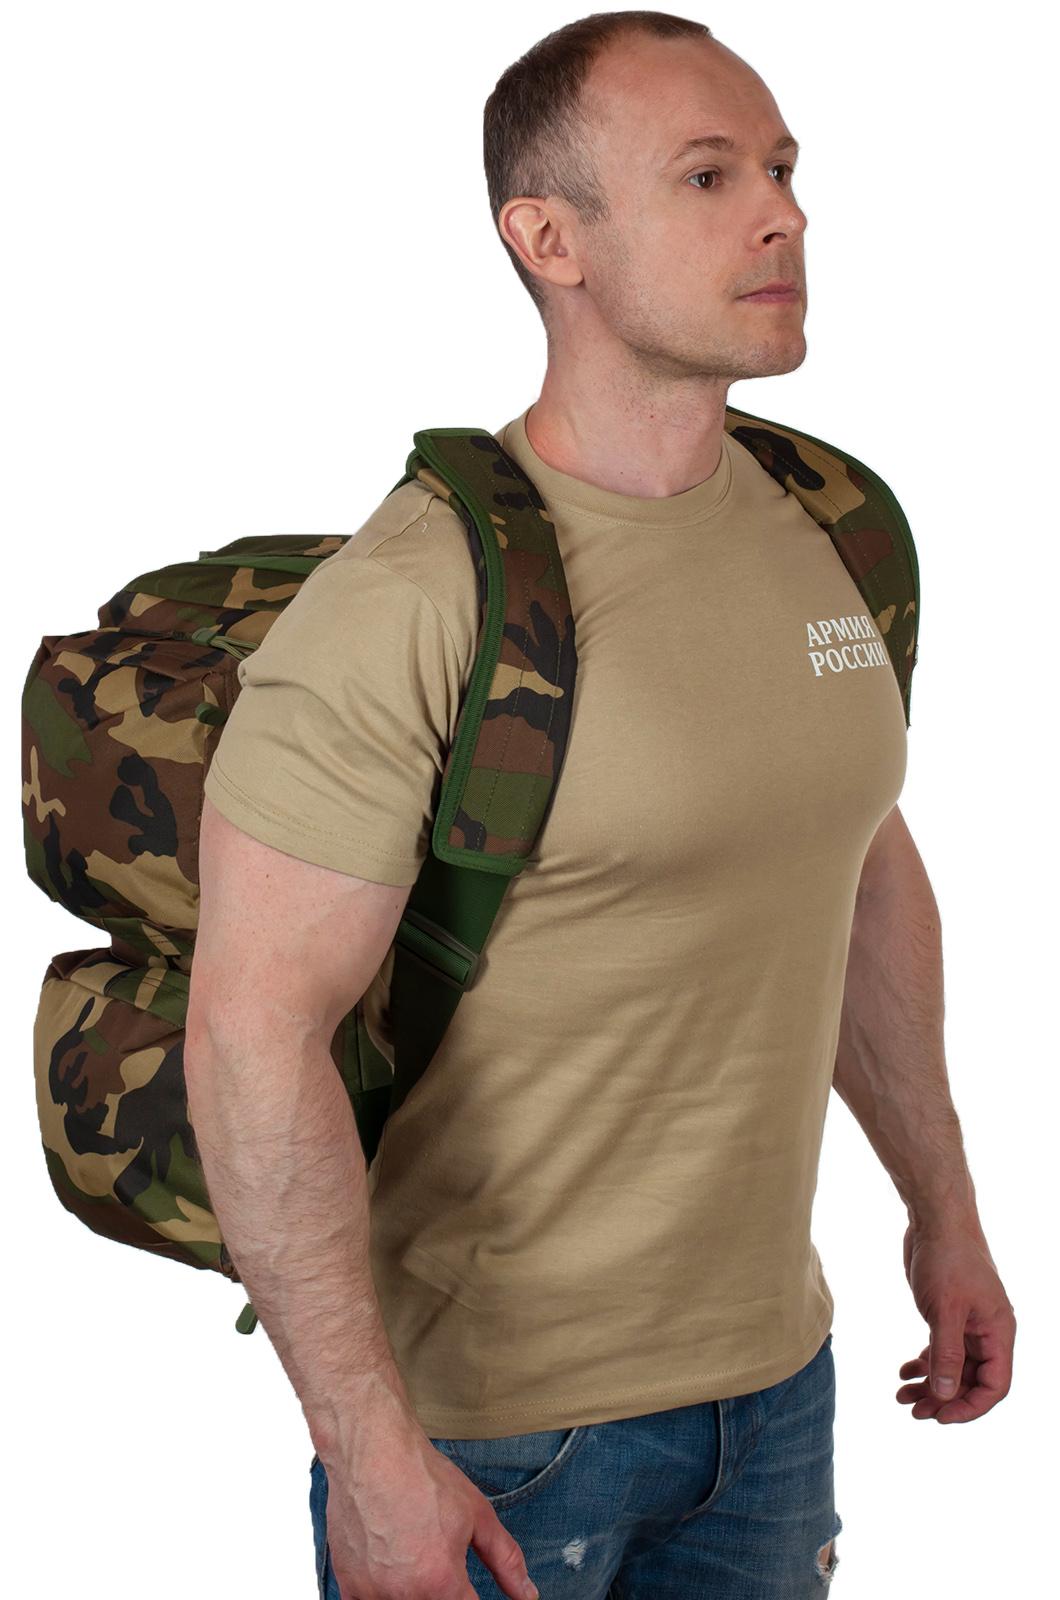 Заплечная дорожная сумка с нашивкой Ни пуха, Ни пера - заказать оптом